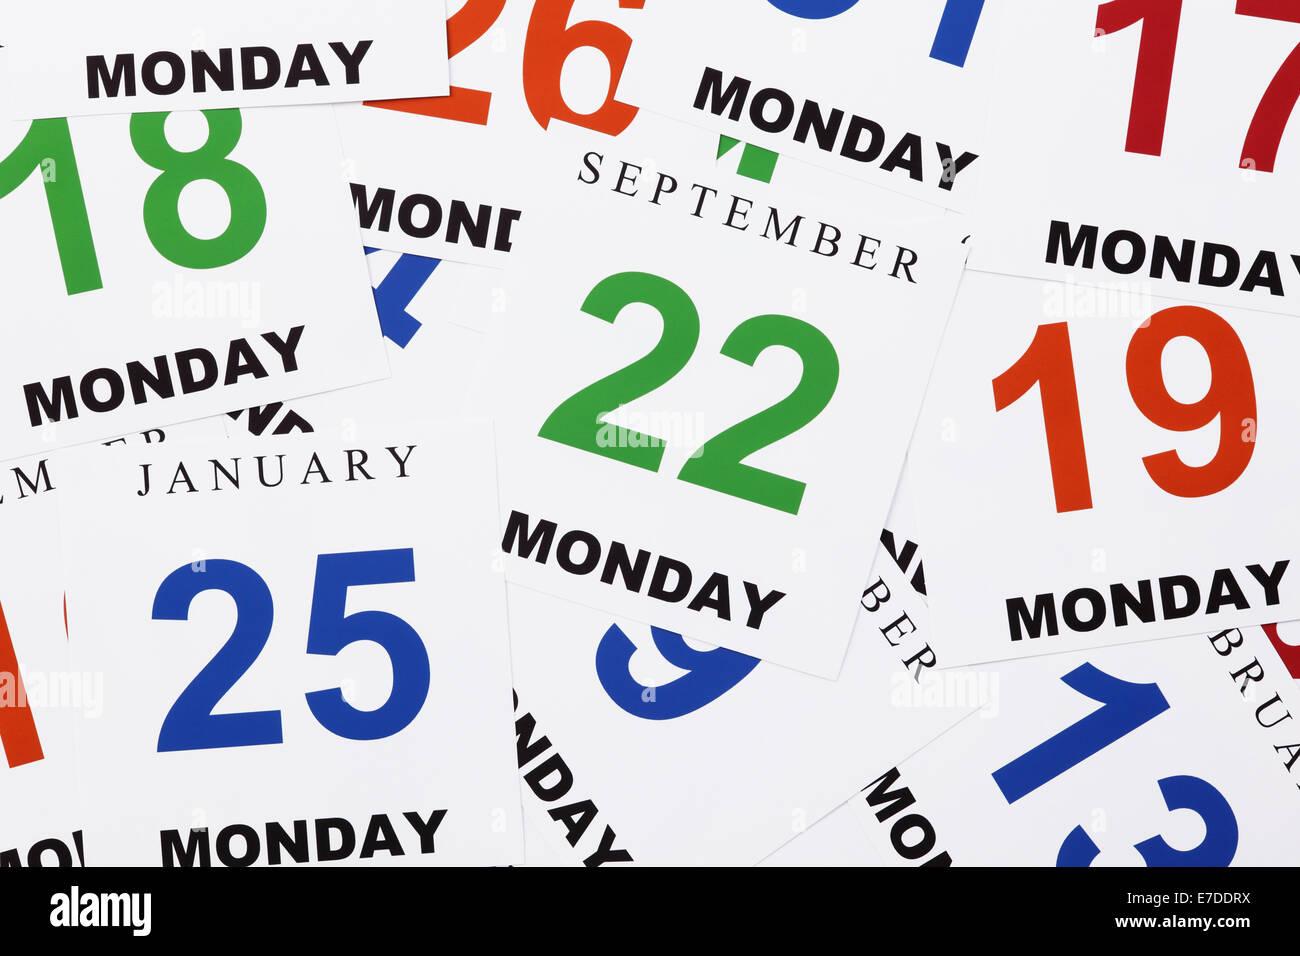 Cada día es el lunes. Cada día es como el lunes. Imagen De Stock